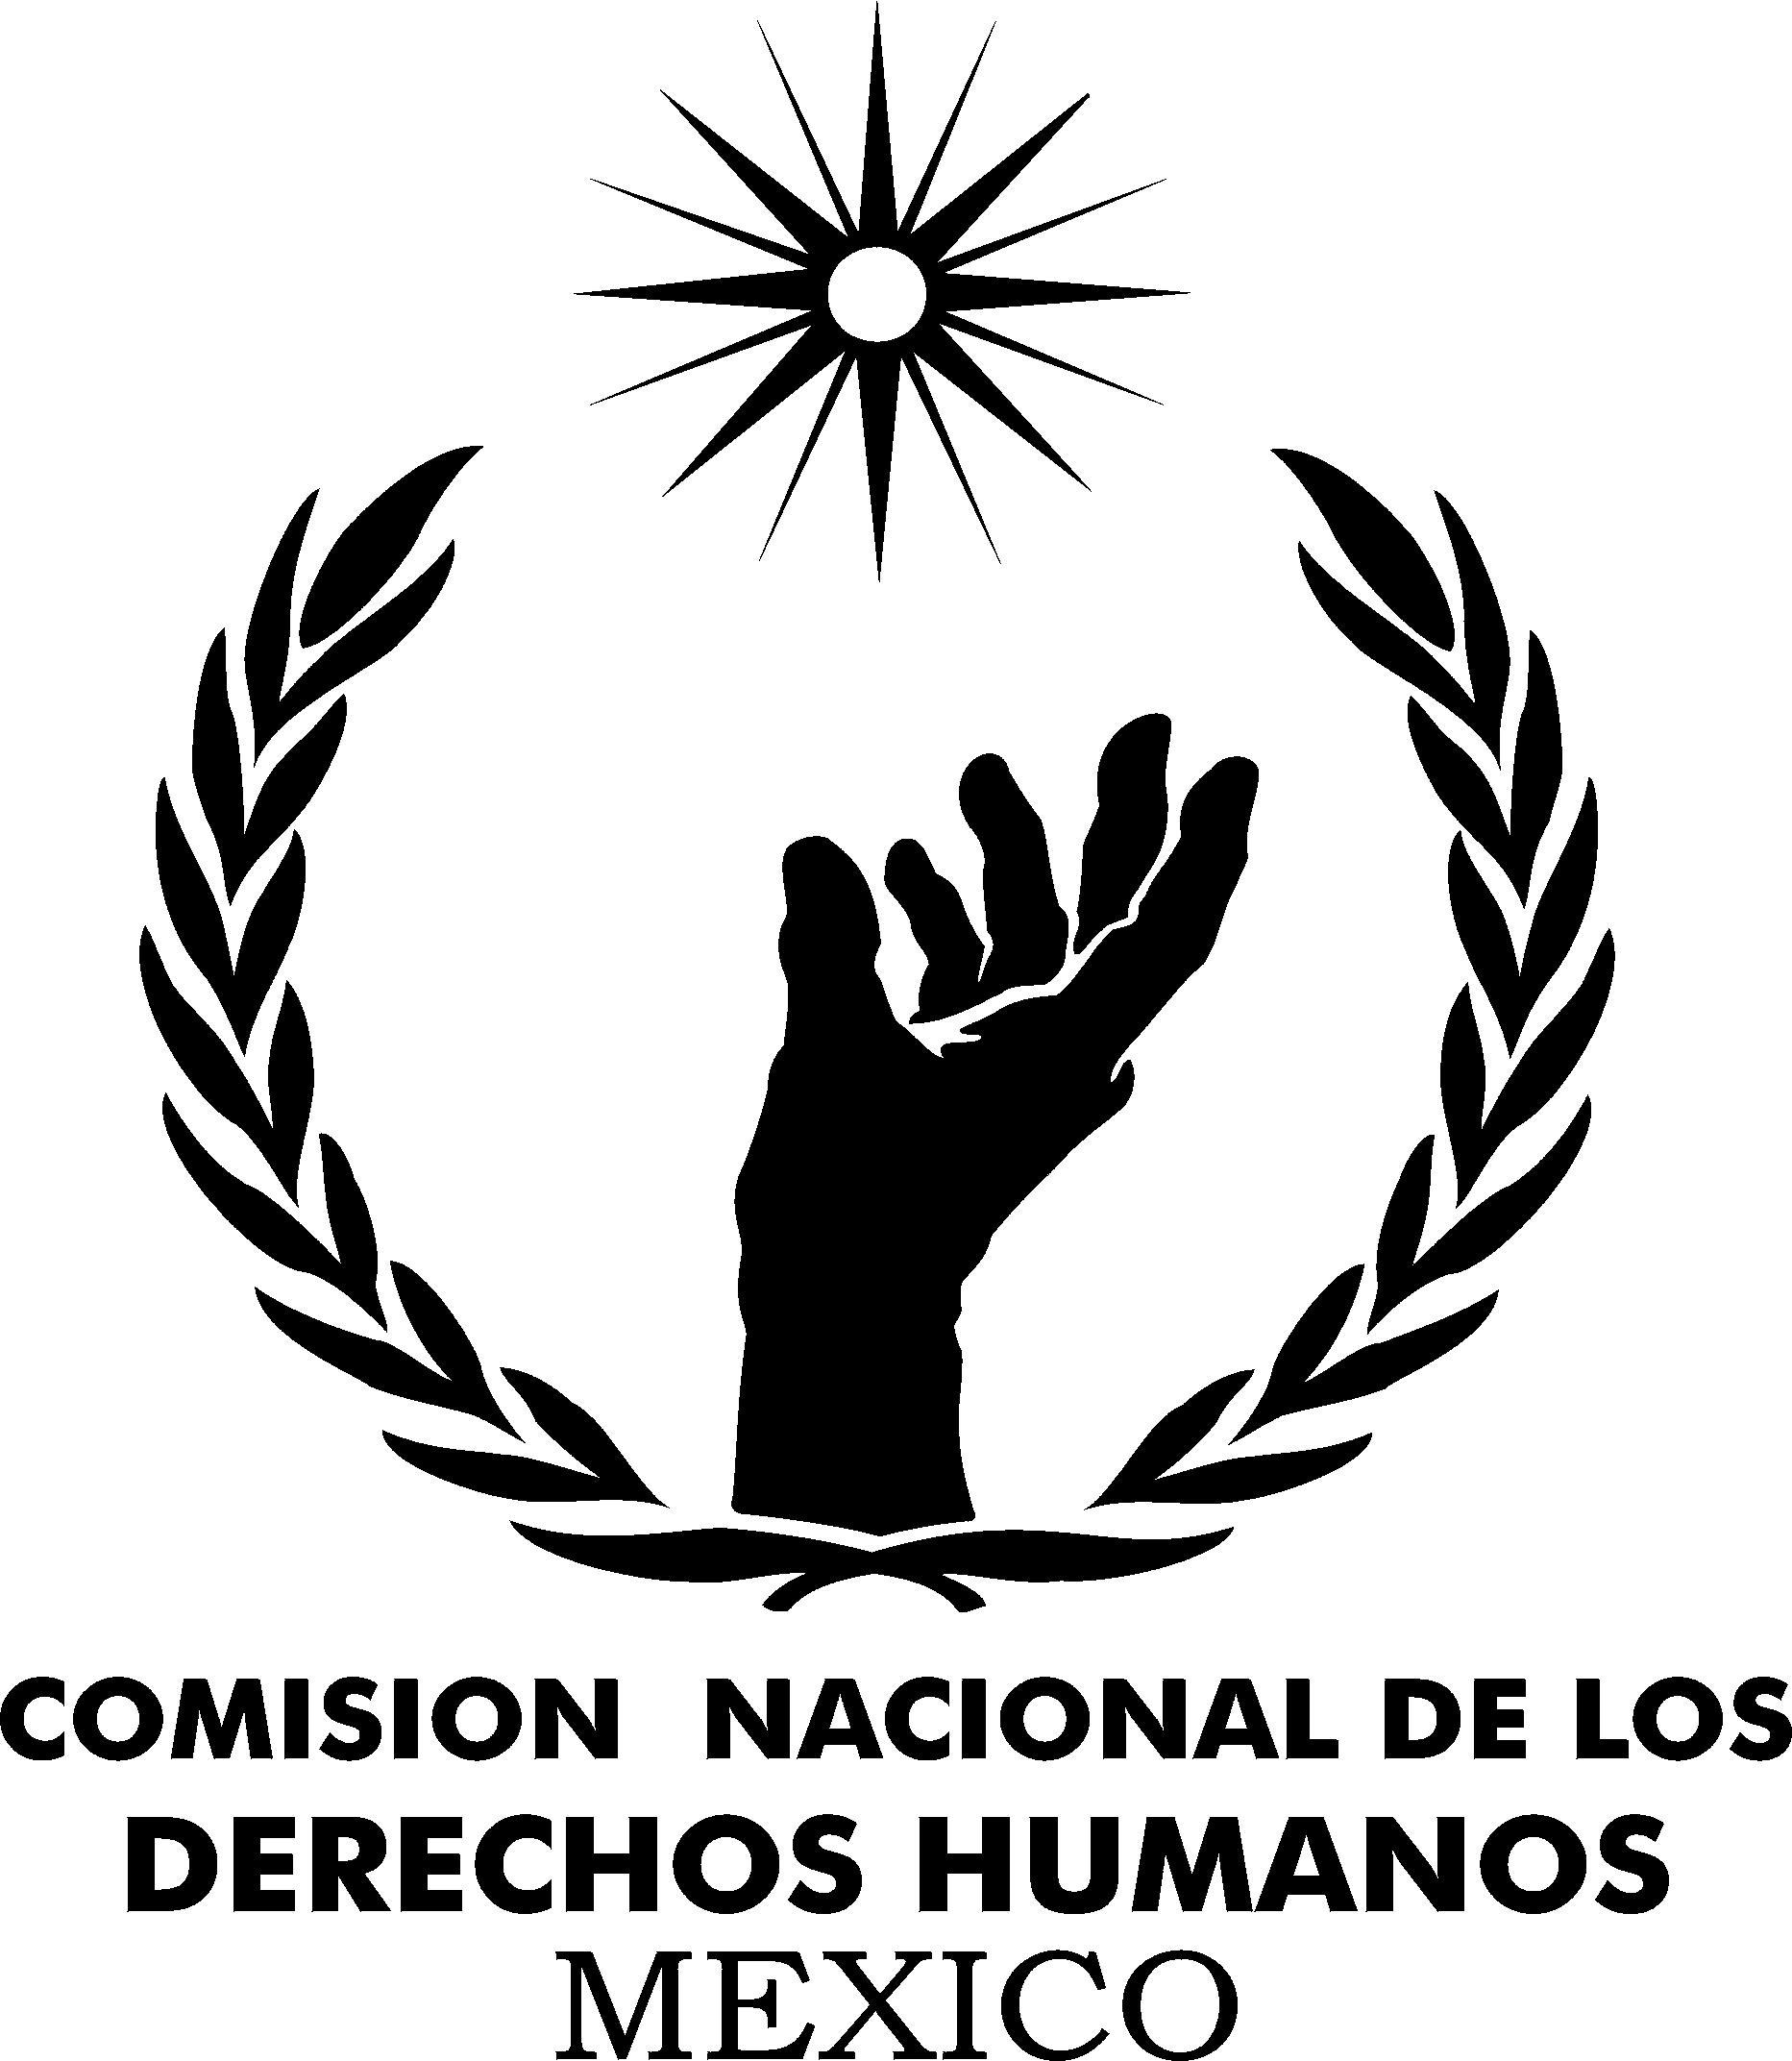 Días Inhábiles Comisión Nacional de los Derechos Humanos 2017